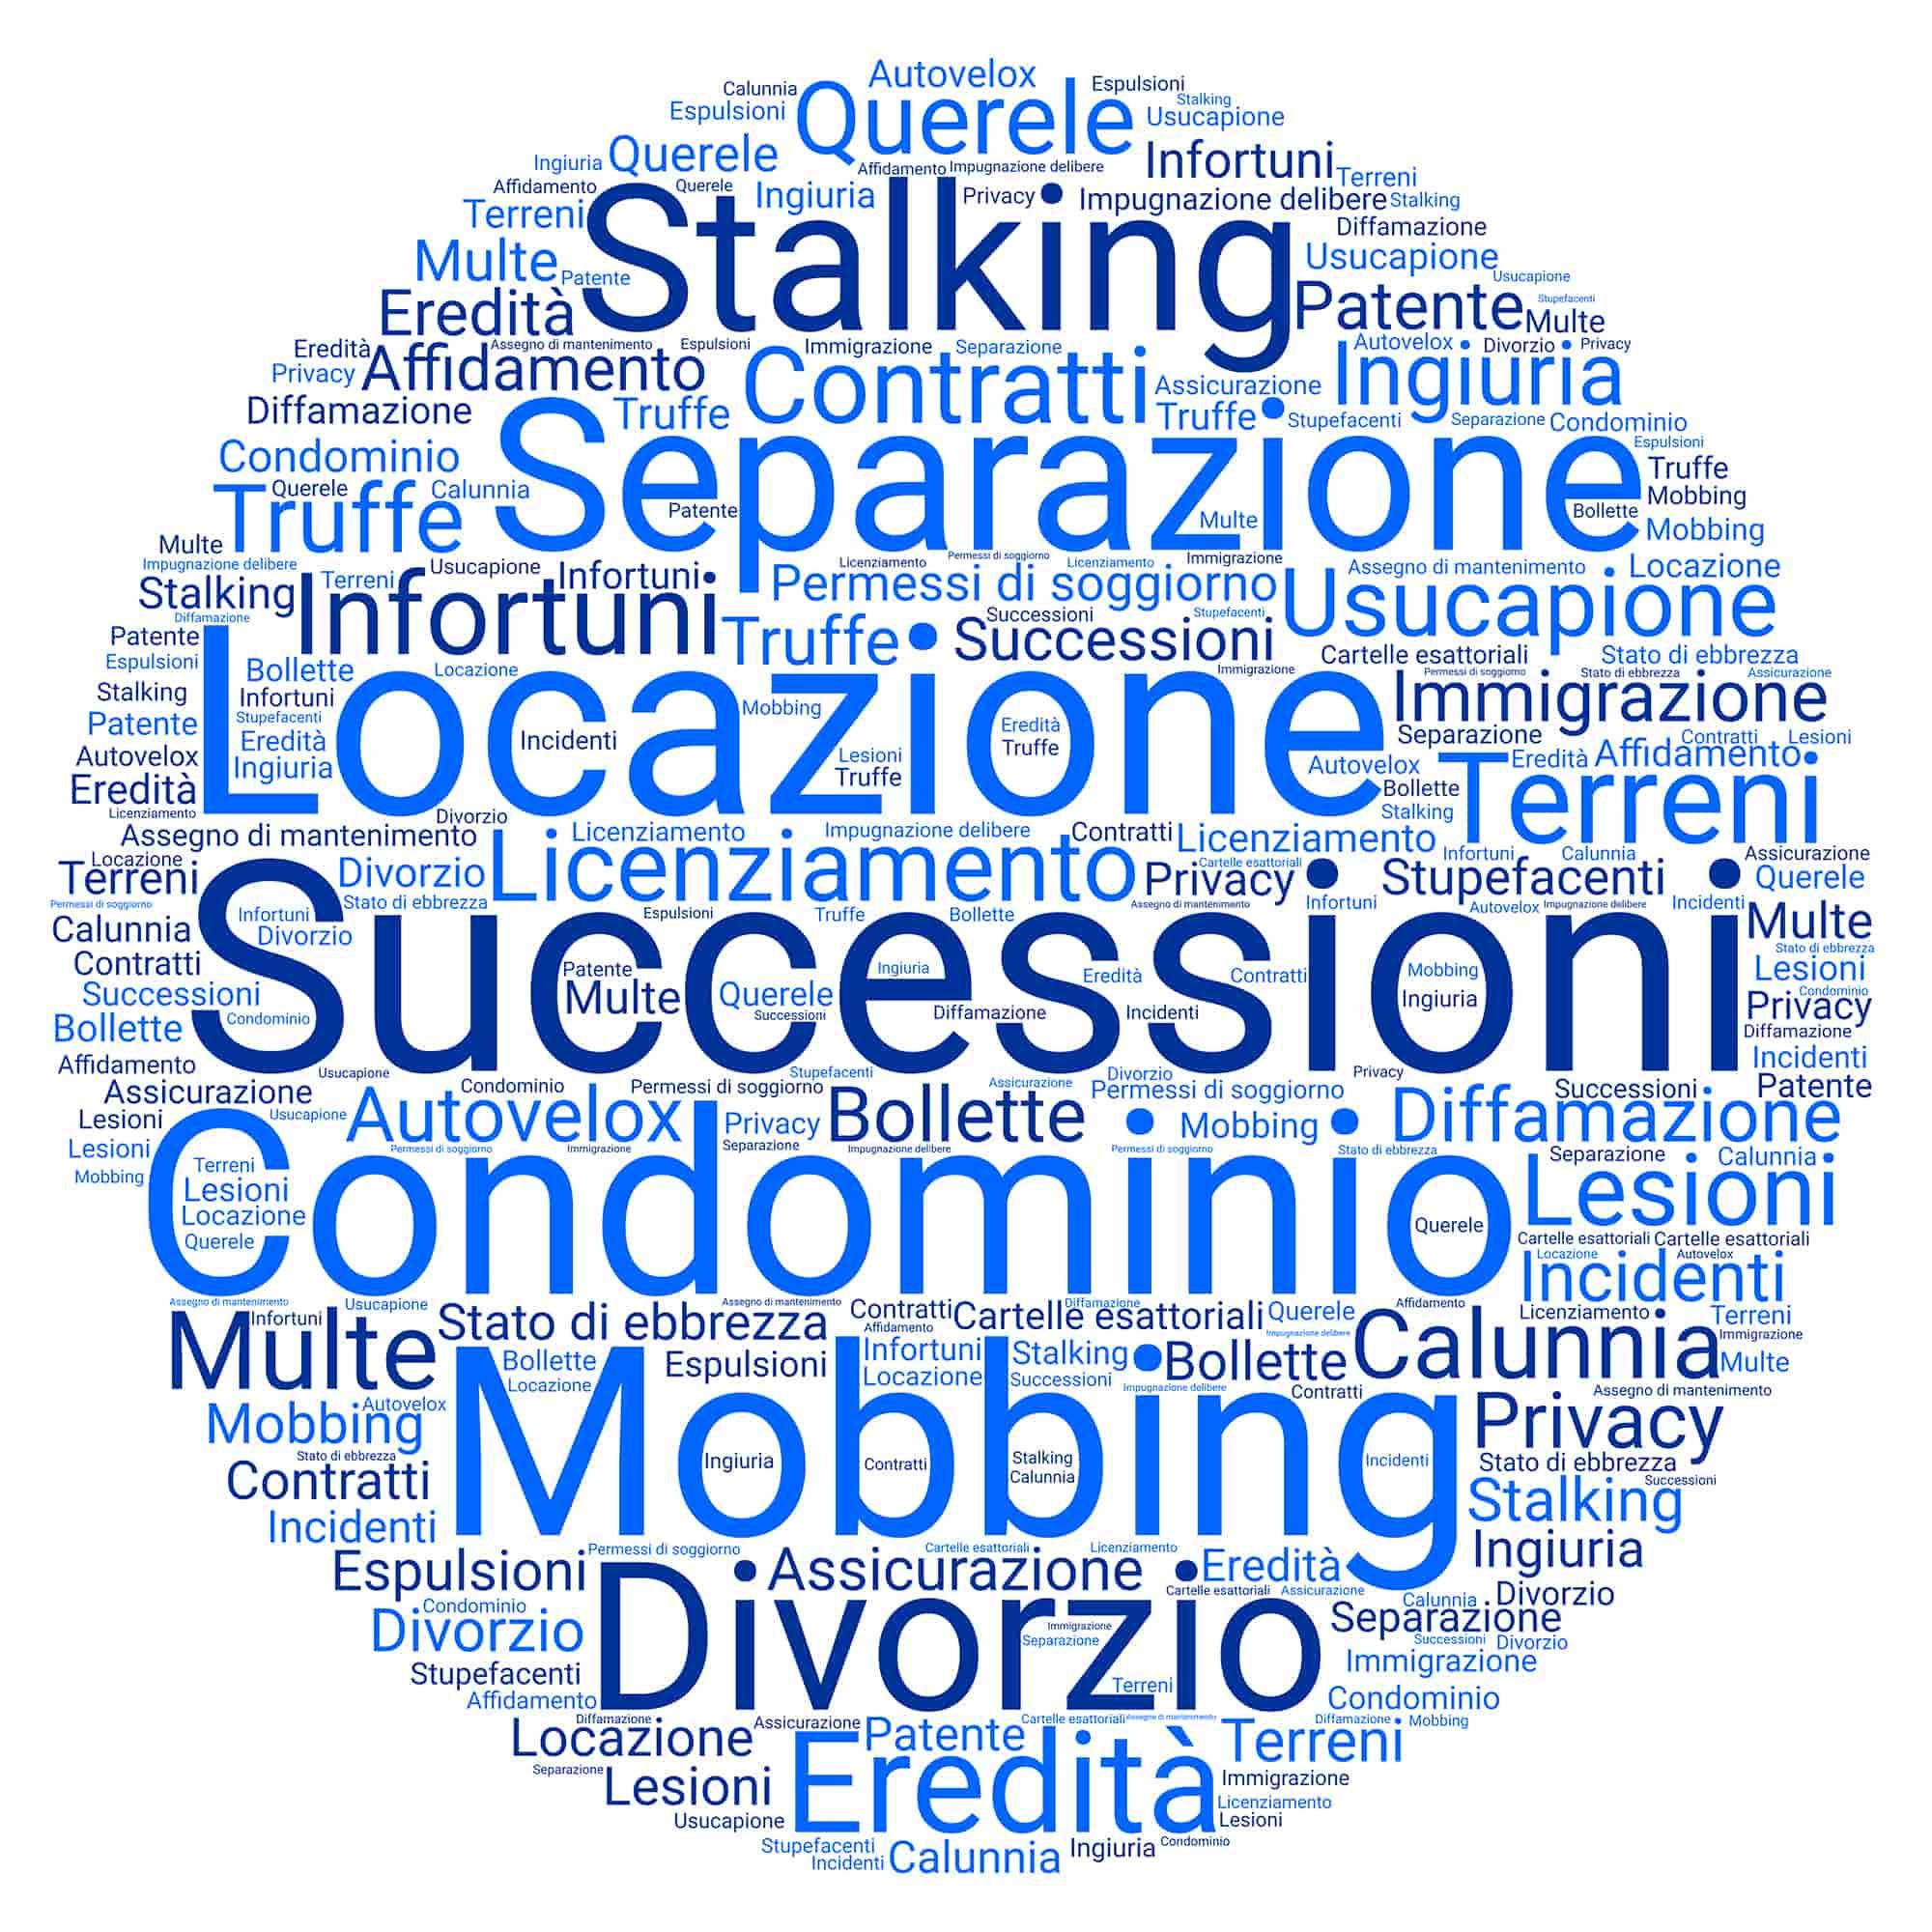 Avvocato online: chiedi una consulenza legale